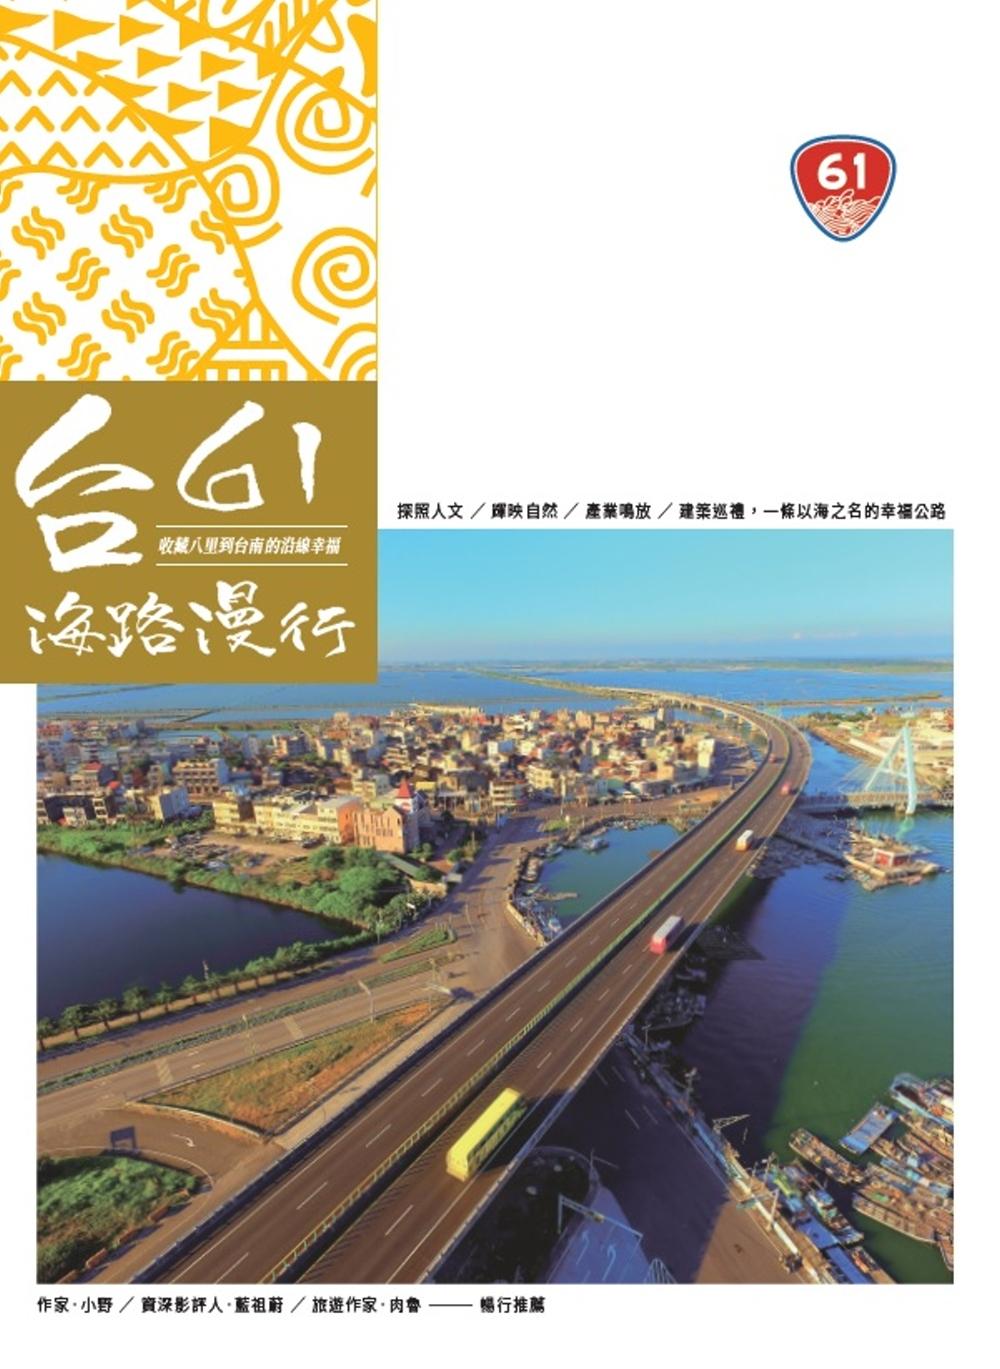 台61 海路漫行:收藏八里到台南的沿線幸福